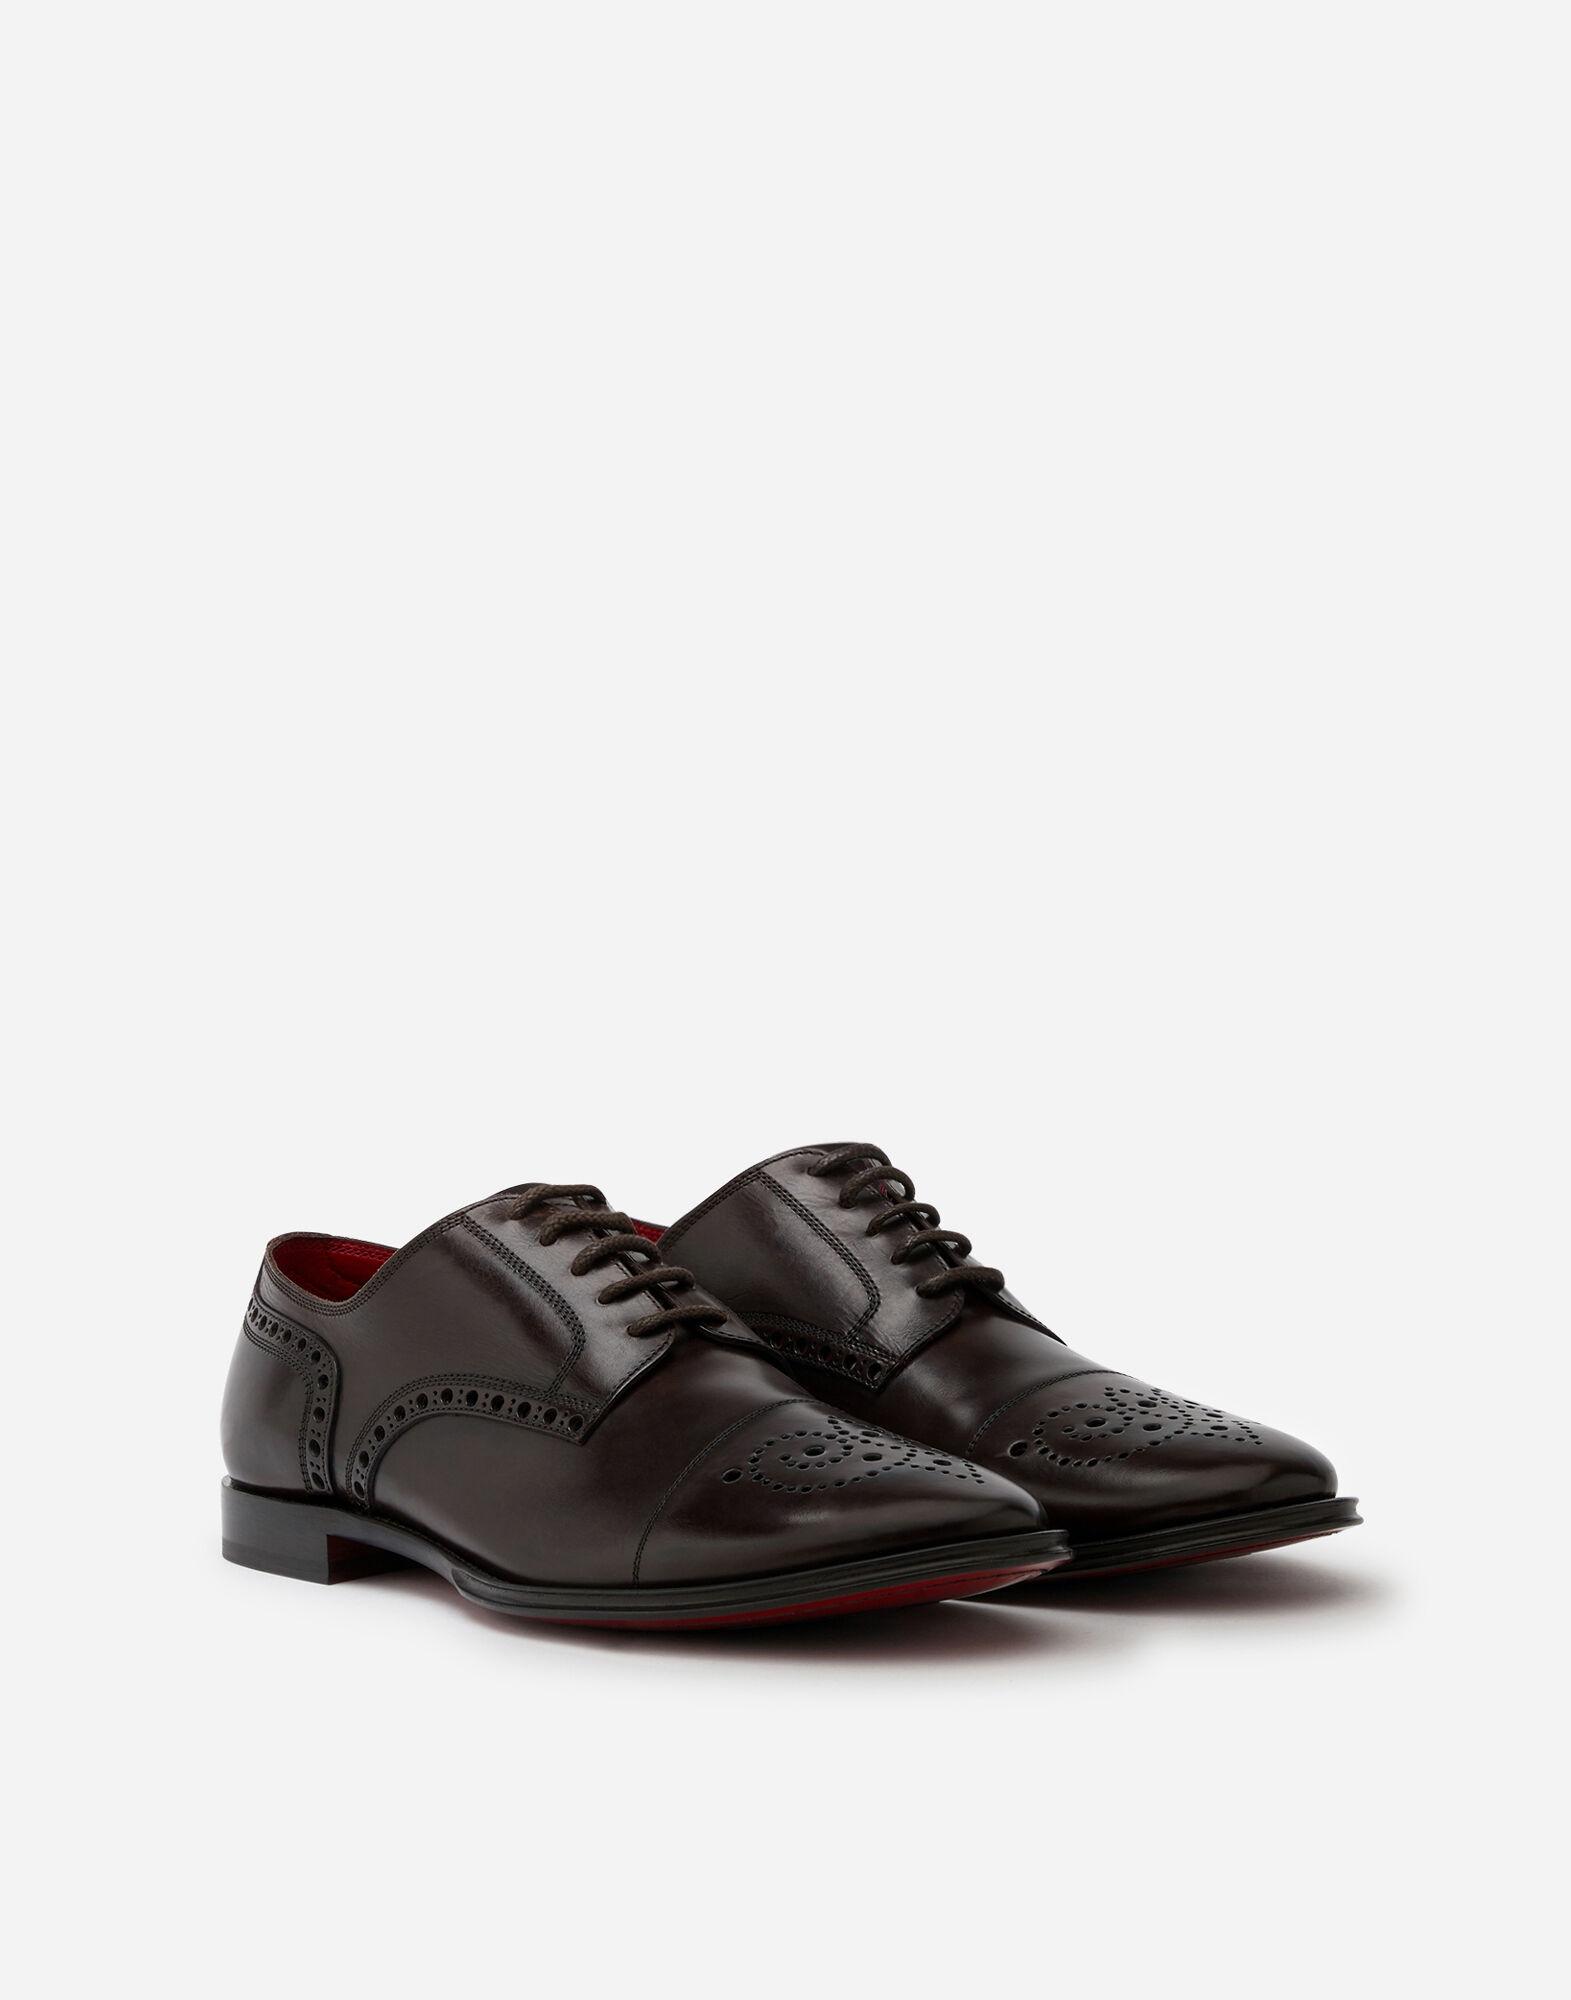 Derby Full Brogue In Vitello Scarpe Uomo | Dolce&Gabbana